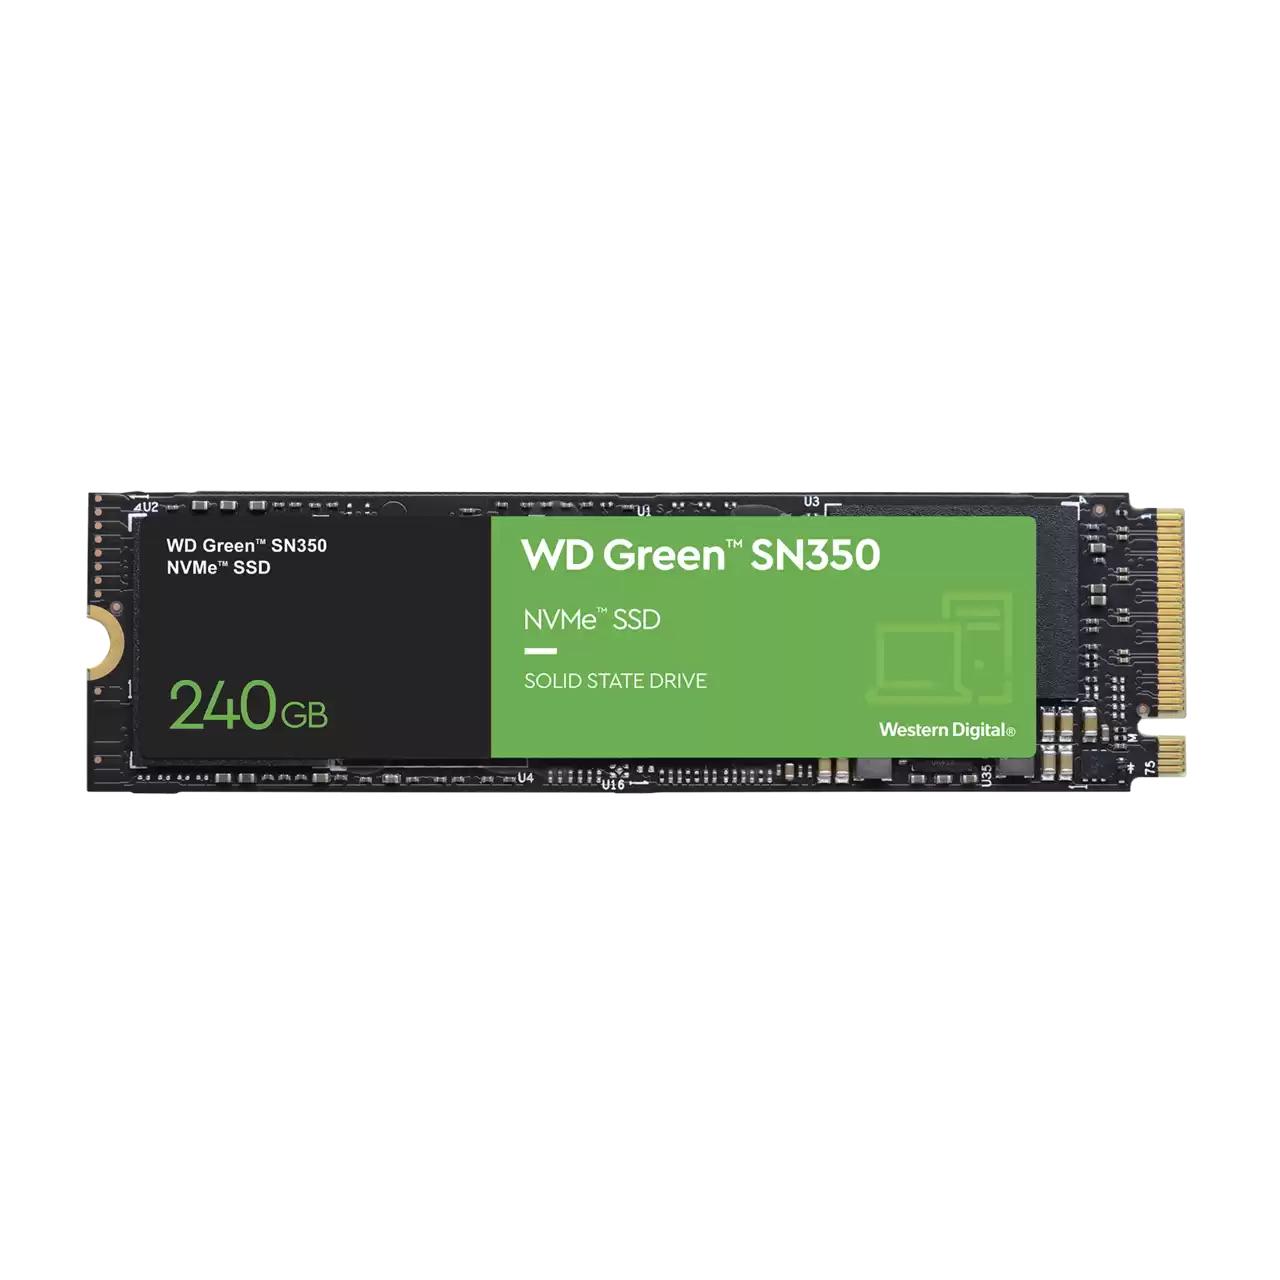 Disco De Estado Solido SSD 240Gb Western Digital WD Green NVME SN350 2400mb/s